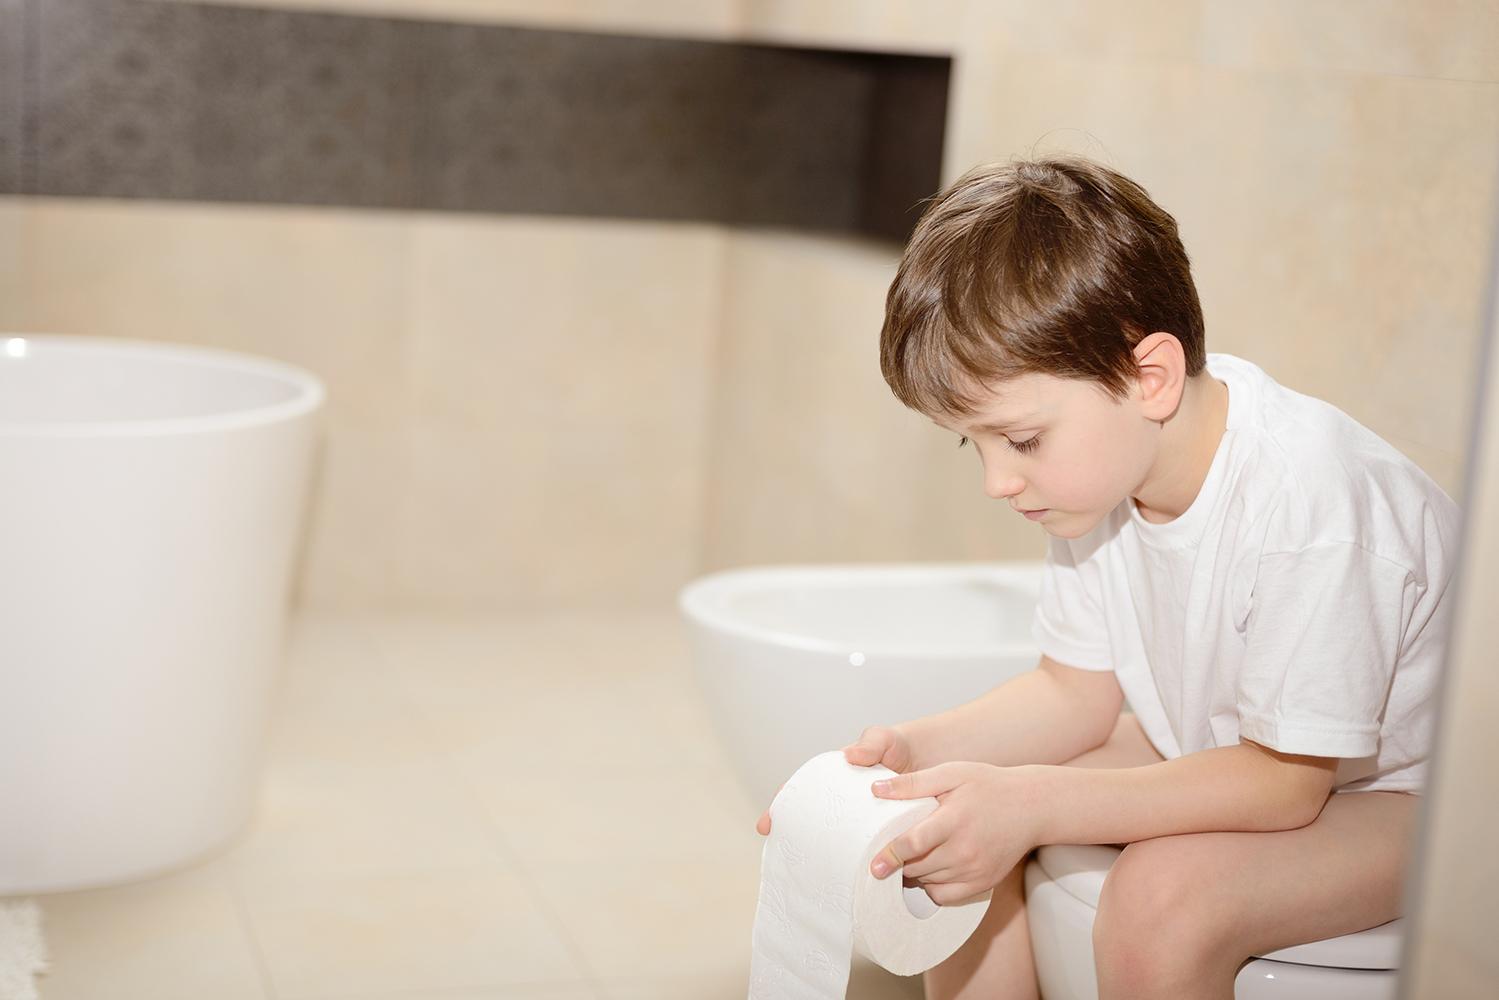 Tìm hiểu bệnh tiêu chảy ở trẻ và cách điều trị